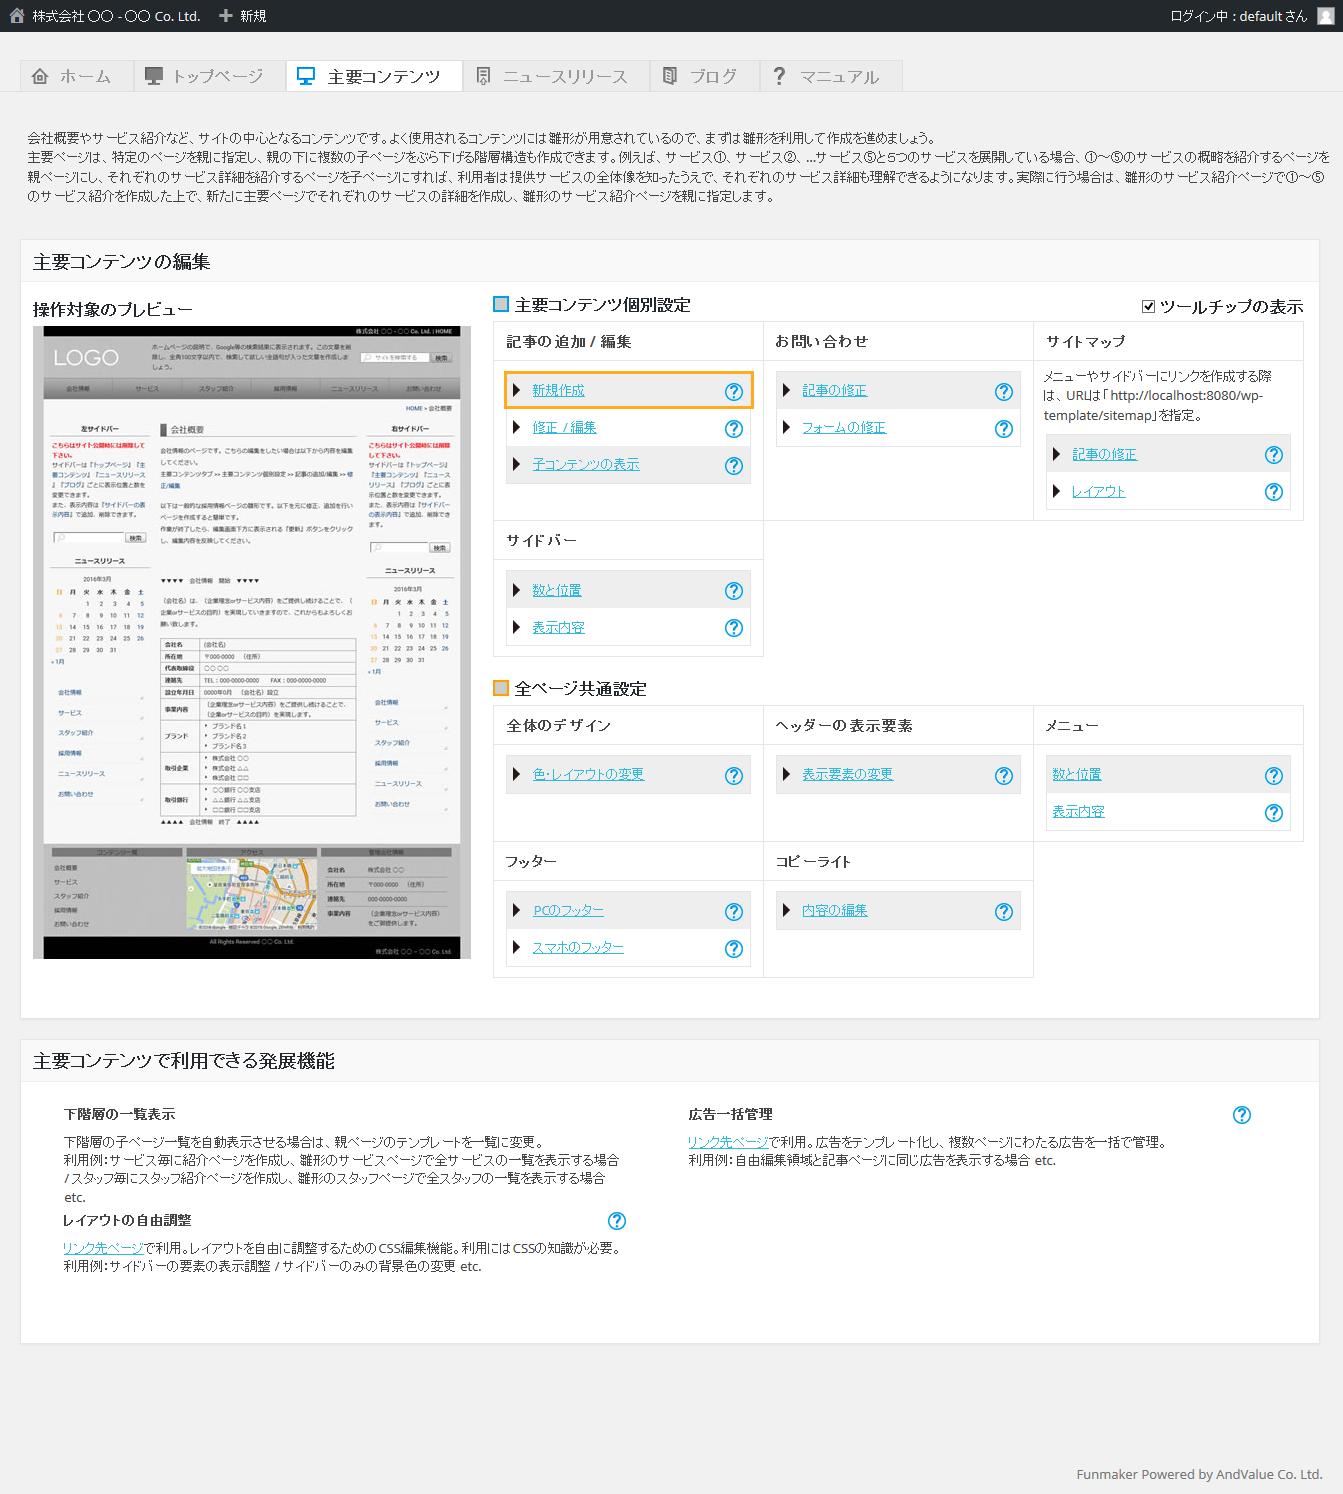 主要コンテンツ新規作成リンク - 簡単格安ホームページ作成会社 -FunMaker